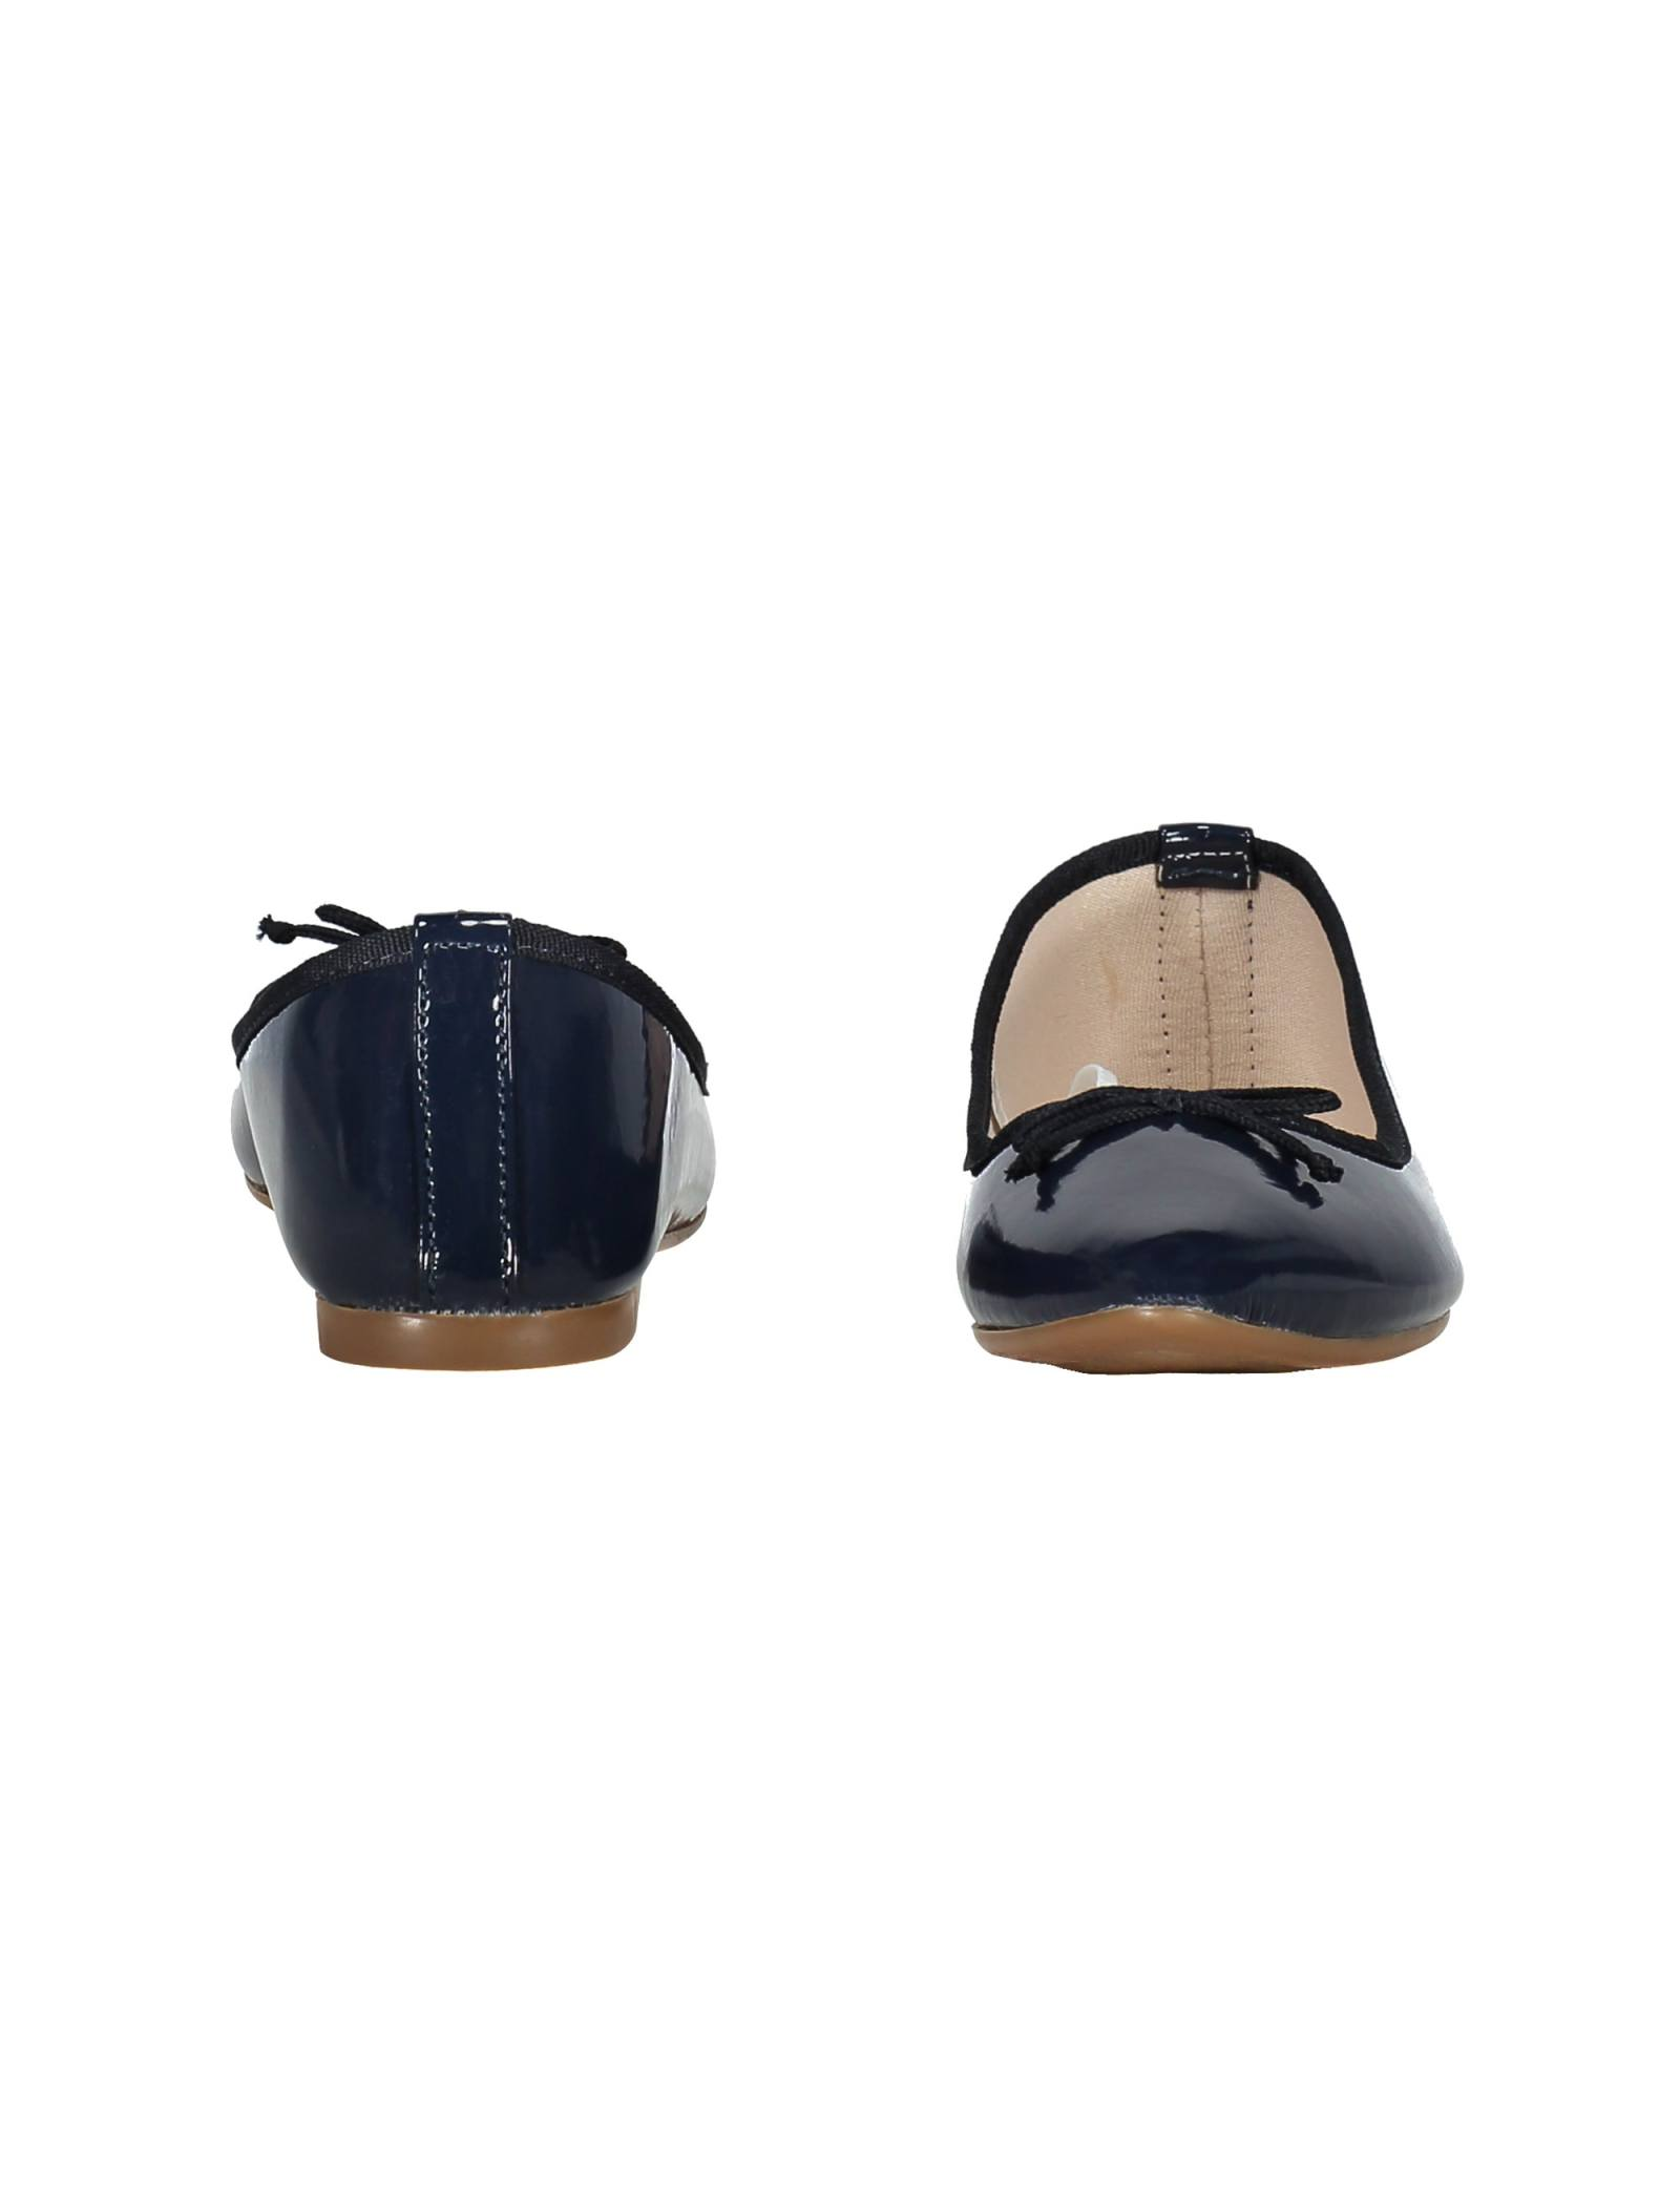 کفش تخت عروسکی زنانه - ال سی وایکیکی - سرمه اي - 5